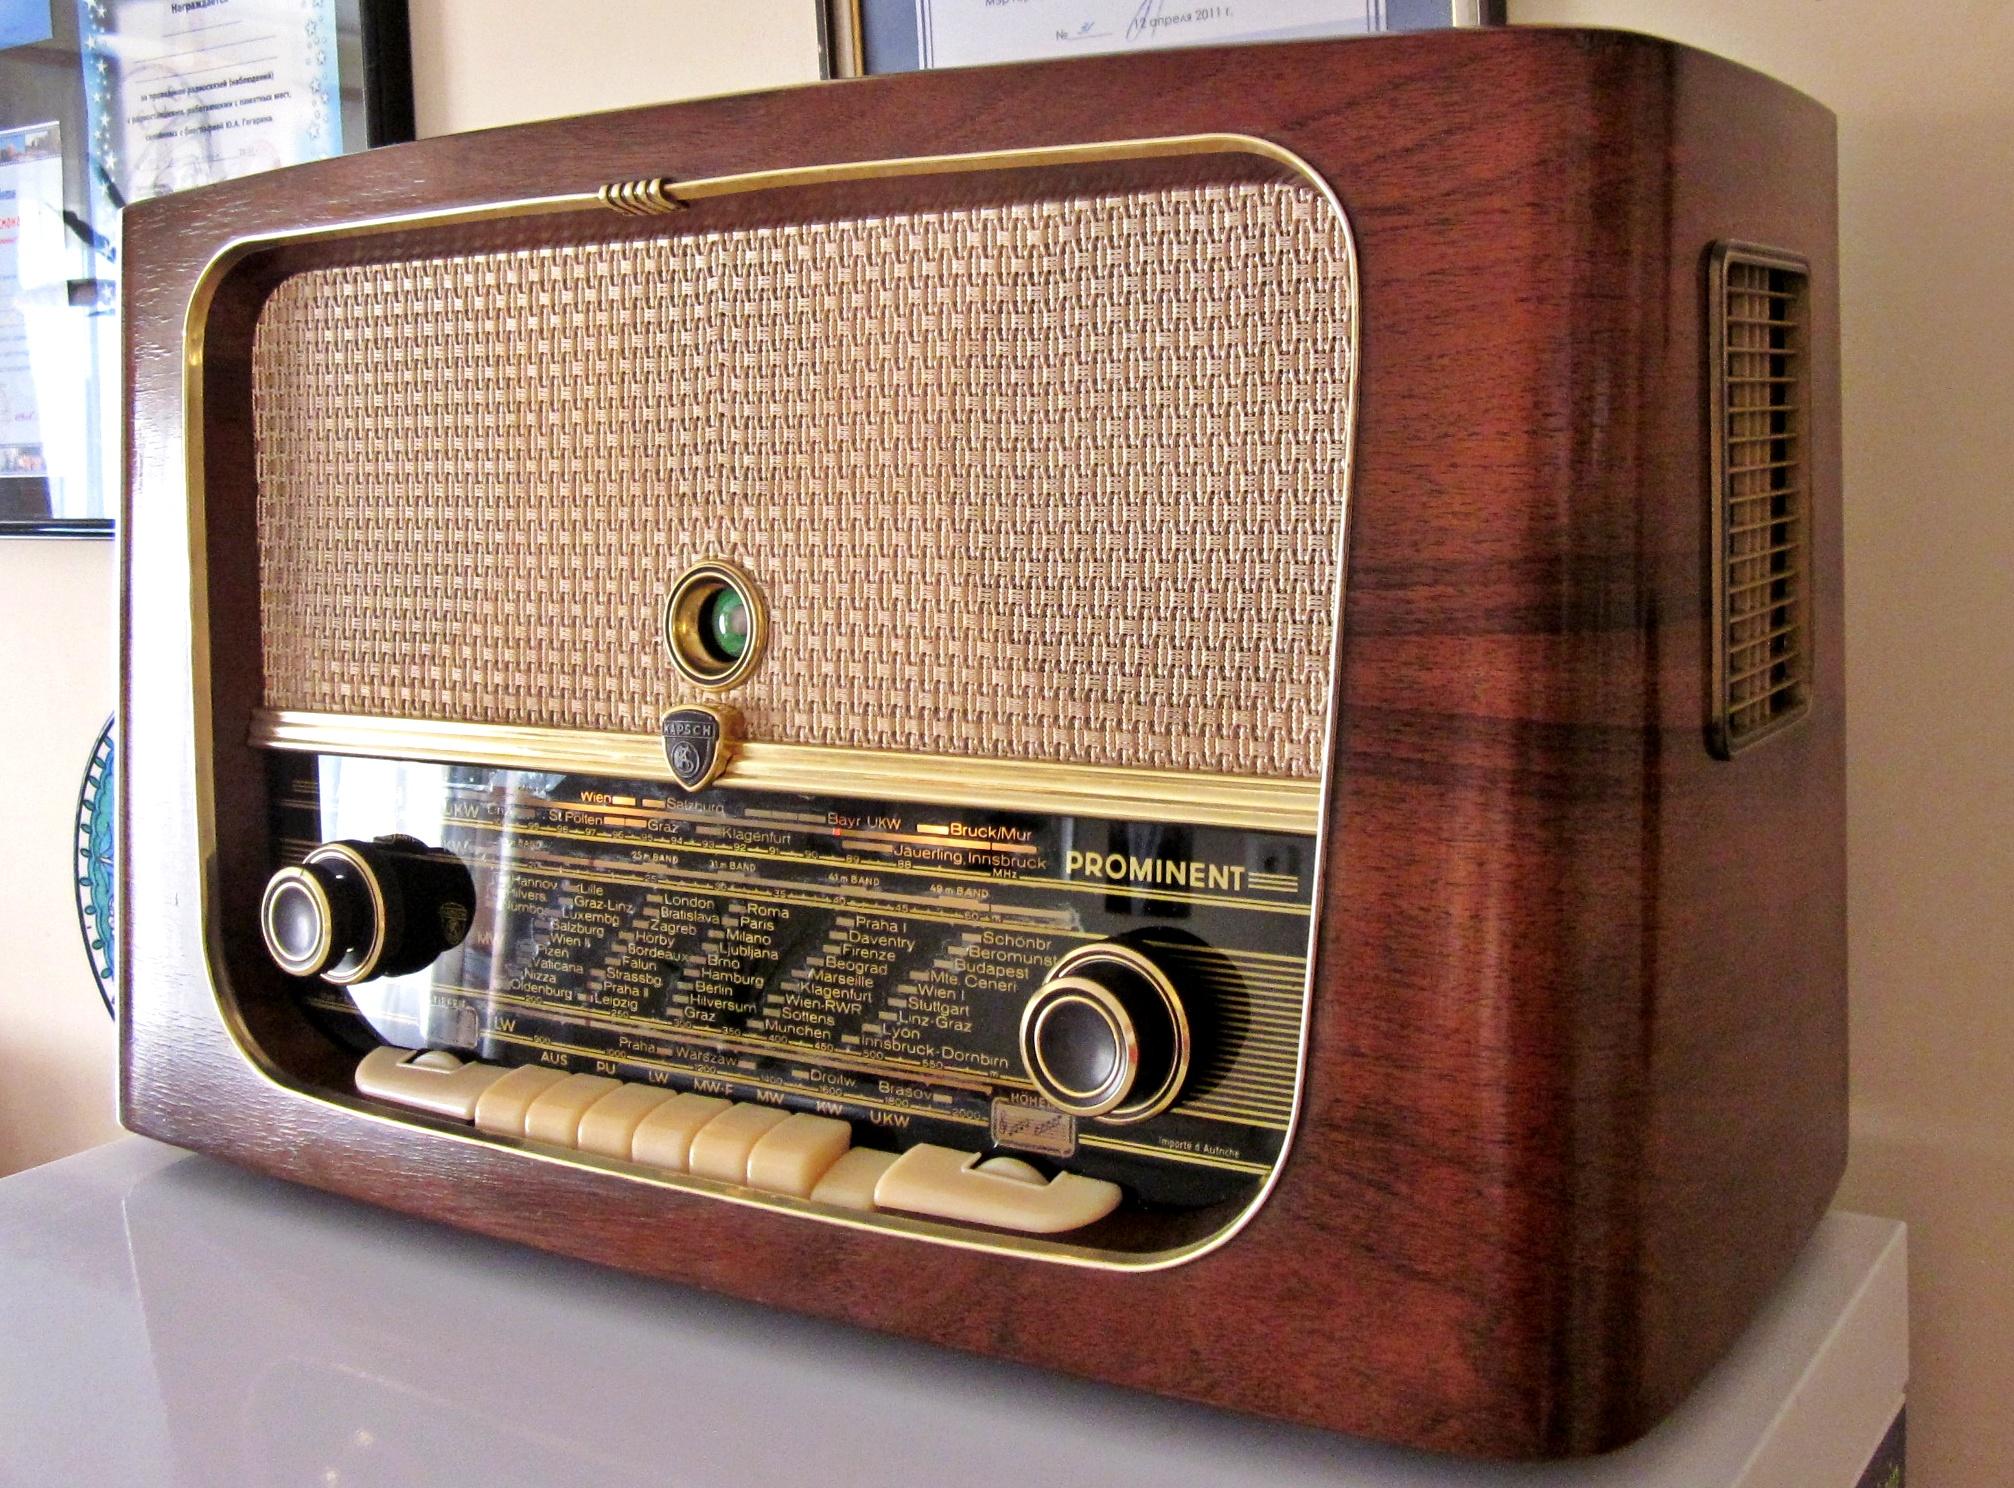 Ламповые радиоприёмники деда Панфила - Страница 4 F0e9db2bf90684e6e59746395ec157a5